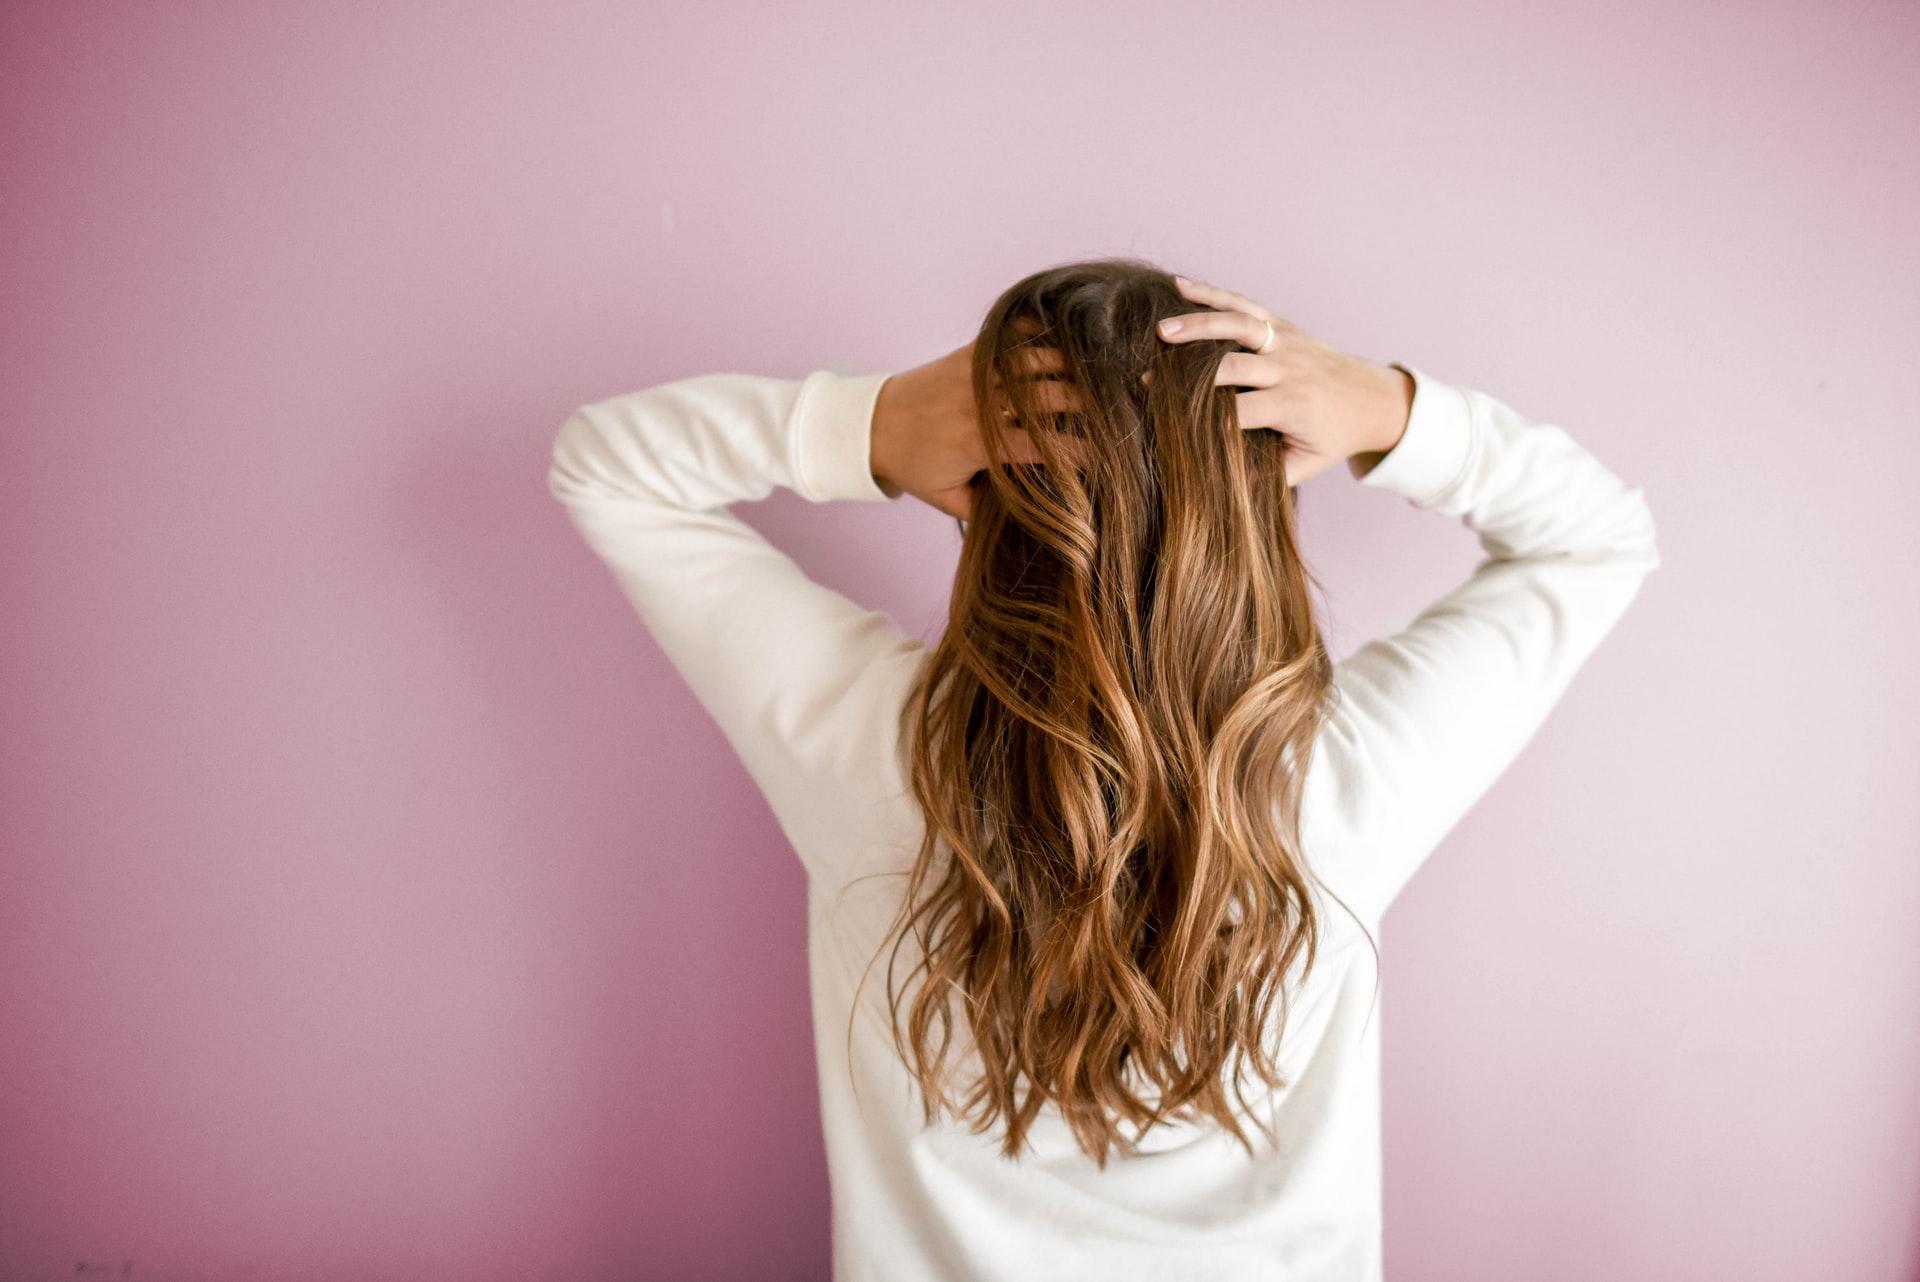 chica con cabello lacio